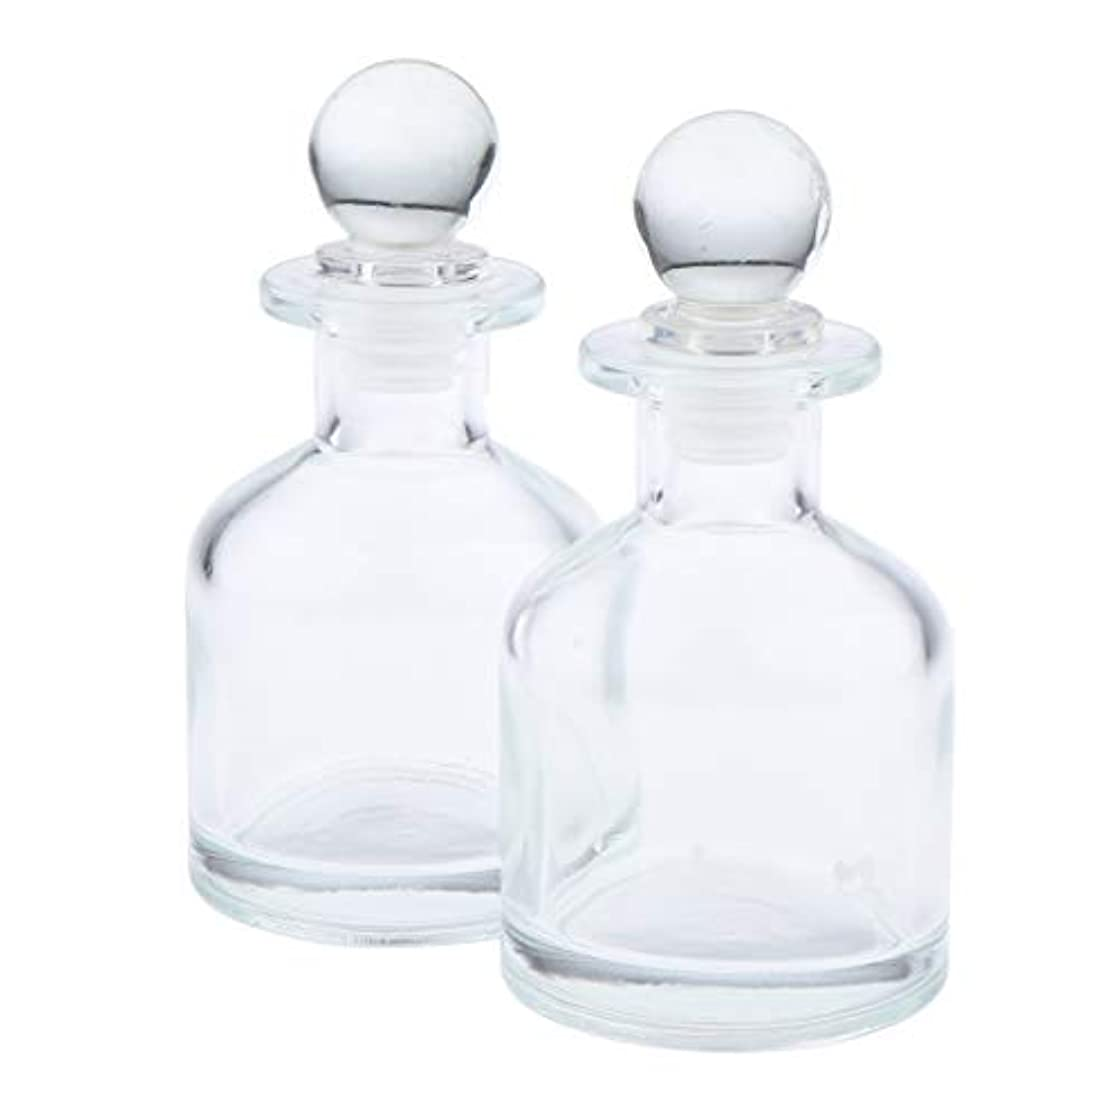 悩む選択する無視する2本 リードディフューザー用 ディフューザーボトル 透明 蓋付き 円形 2サイズ選べ - 130ミリリットル